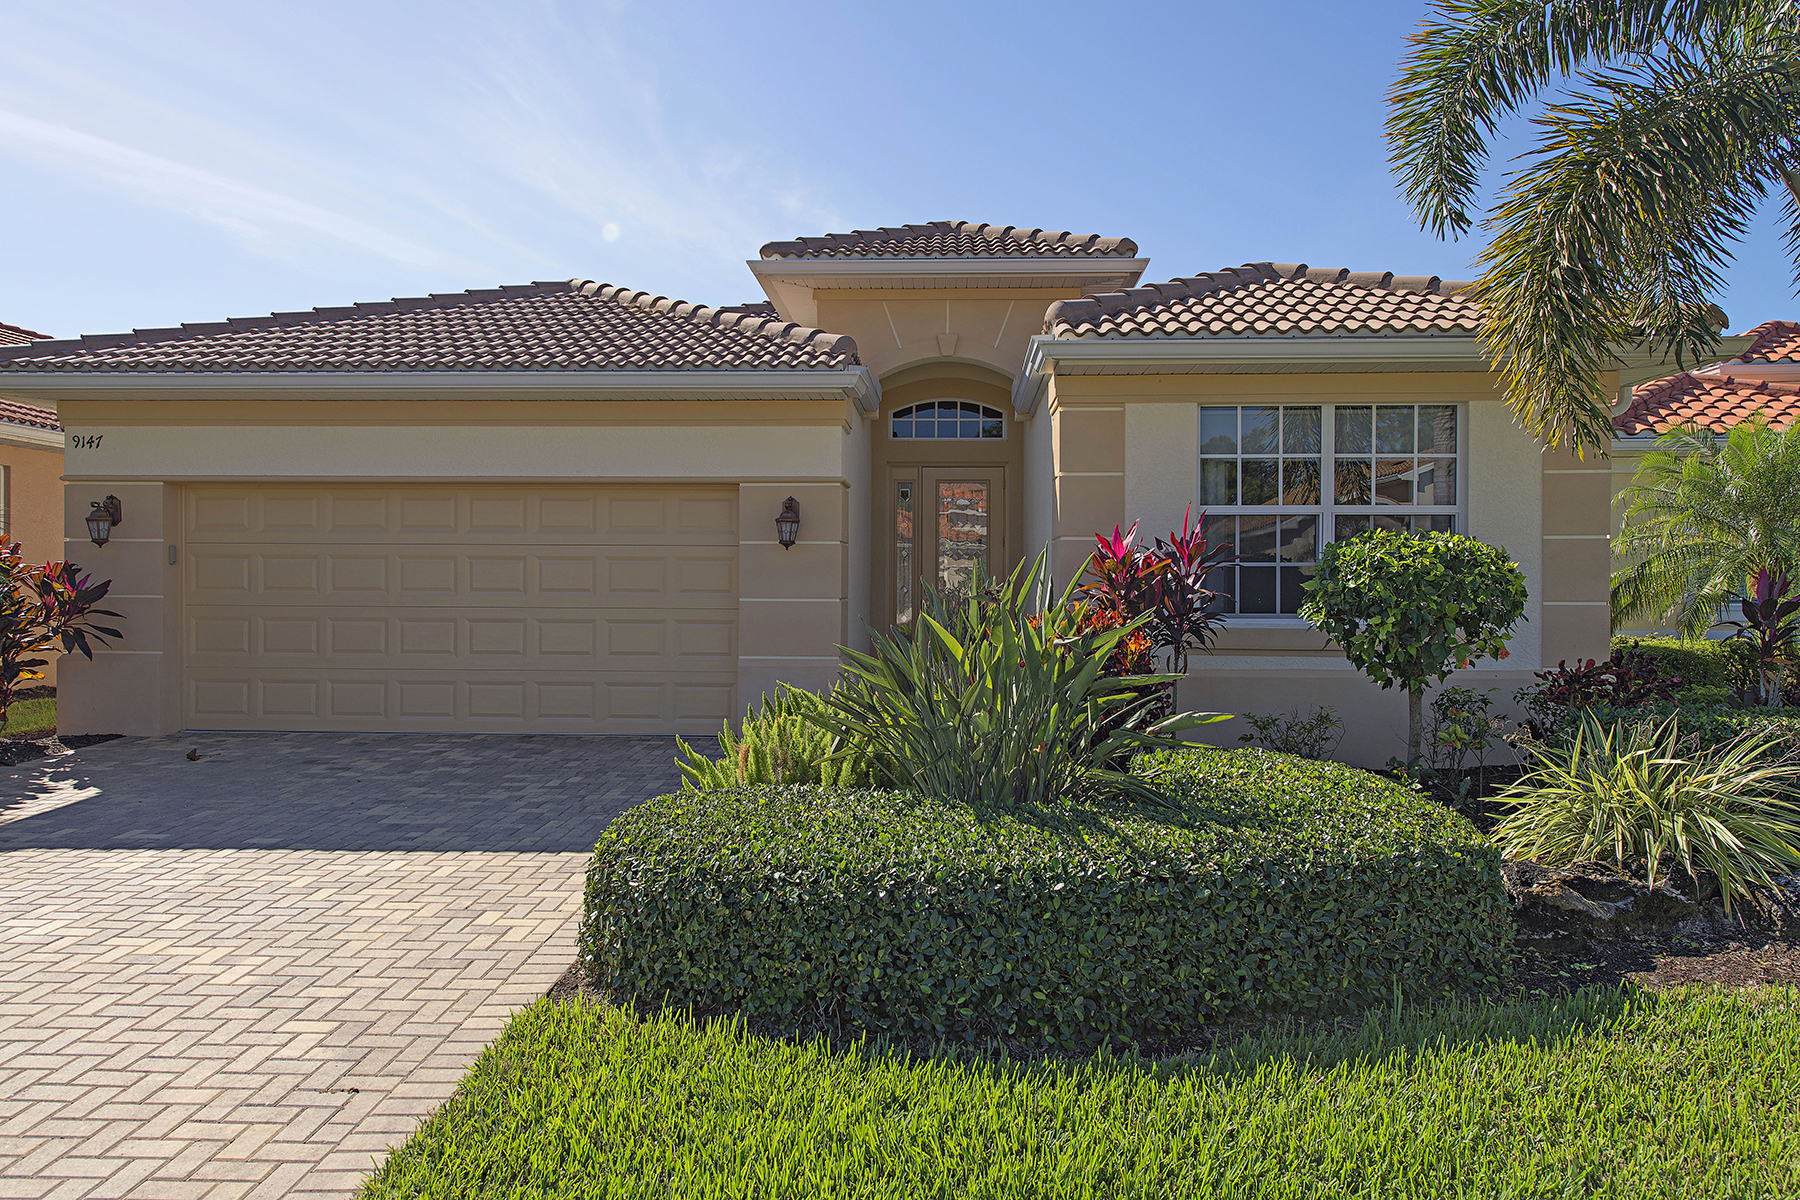 Einfamilienhaus für Verkauf beim THE RESERVE AT ESTERO 9147 Astonia Way Estero, Florida, 33967 Vereinigte Staaten